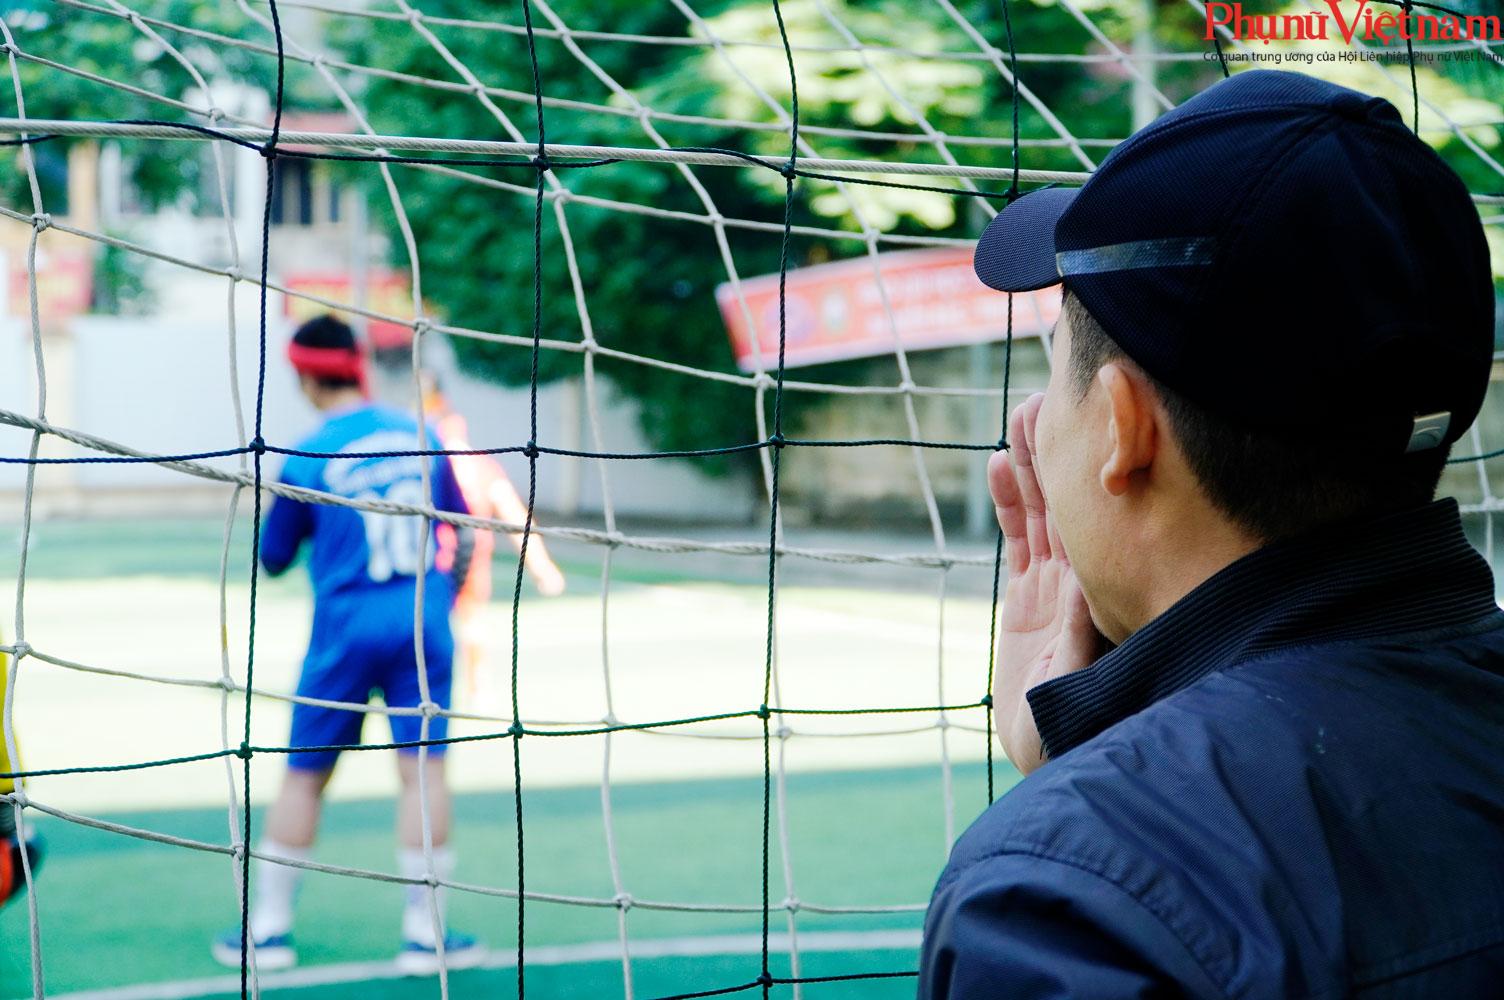 """Trận bóng đá đặc biệt của những đứa trẻ """"đá bóng bằng tai""""  - Ảnh 8."""